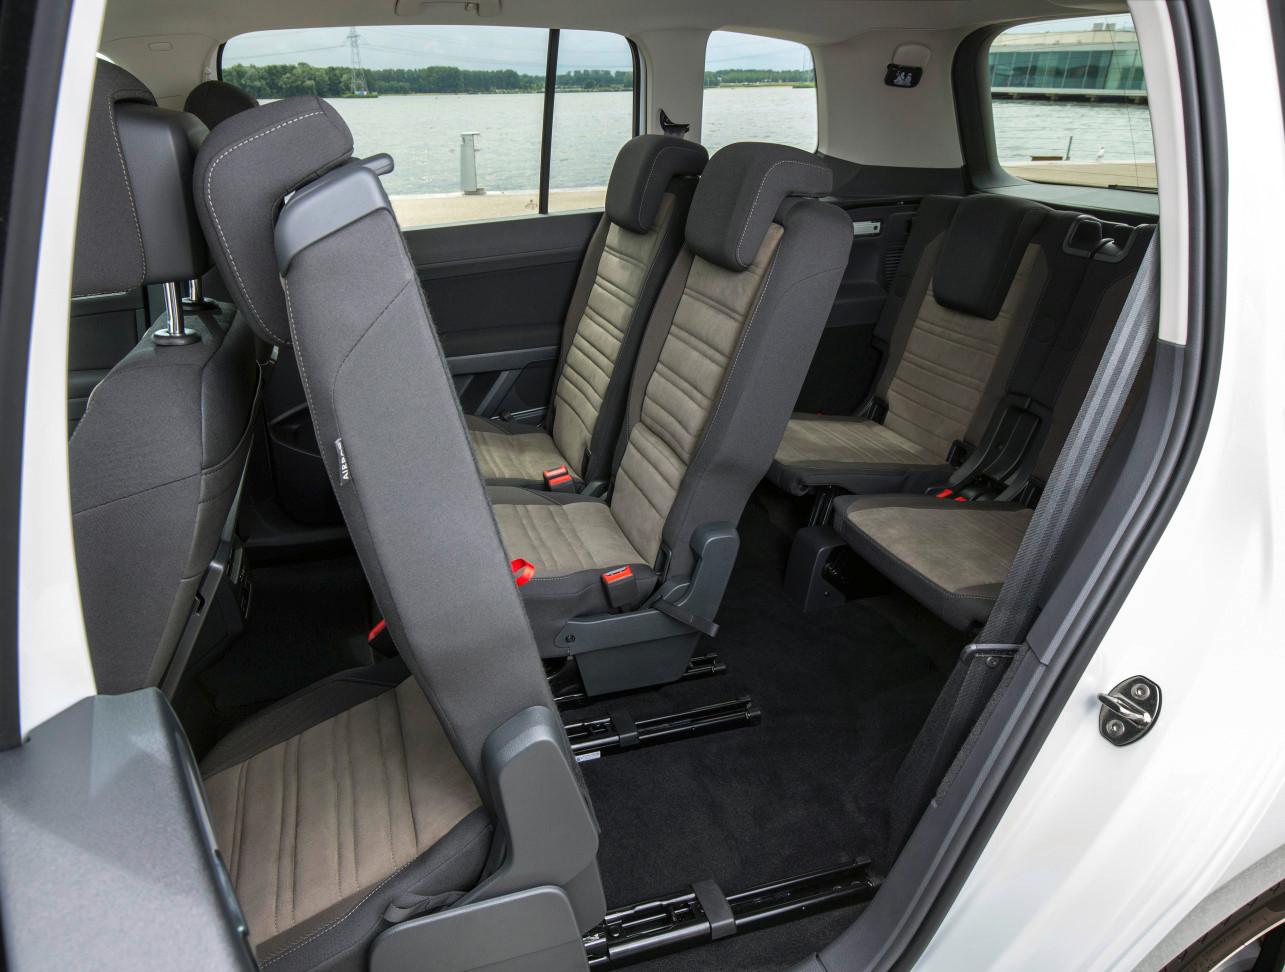 Jetzt Hat Vw Neu Entwickelte Generation Des Familientauglichen Mpv Multi Purpose Vehicle Als 5 Oder 7 Sitzer Auf Beine Gestellt Und